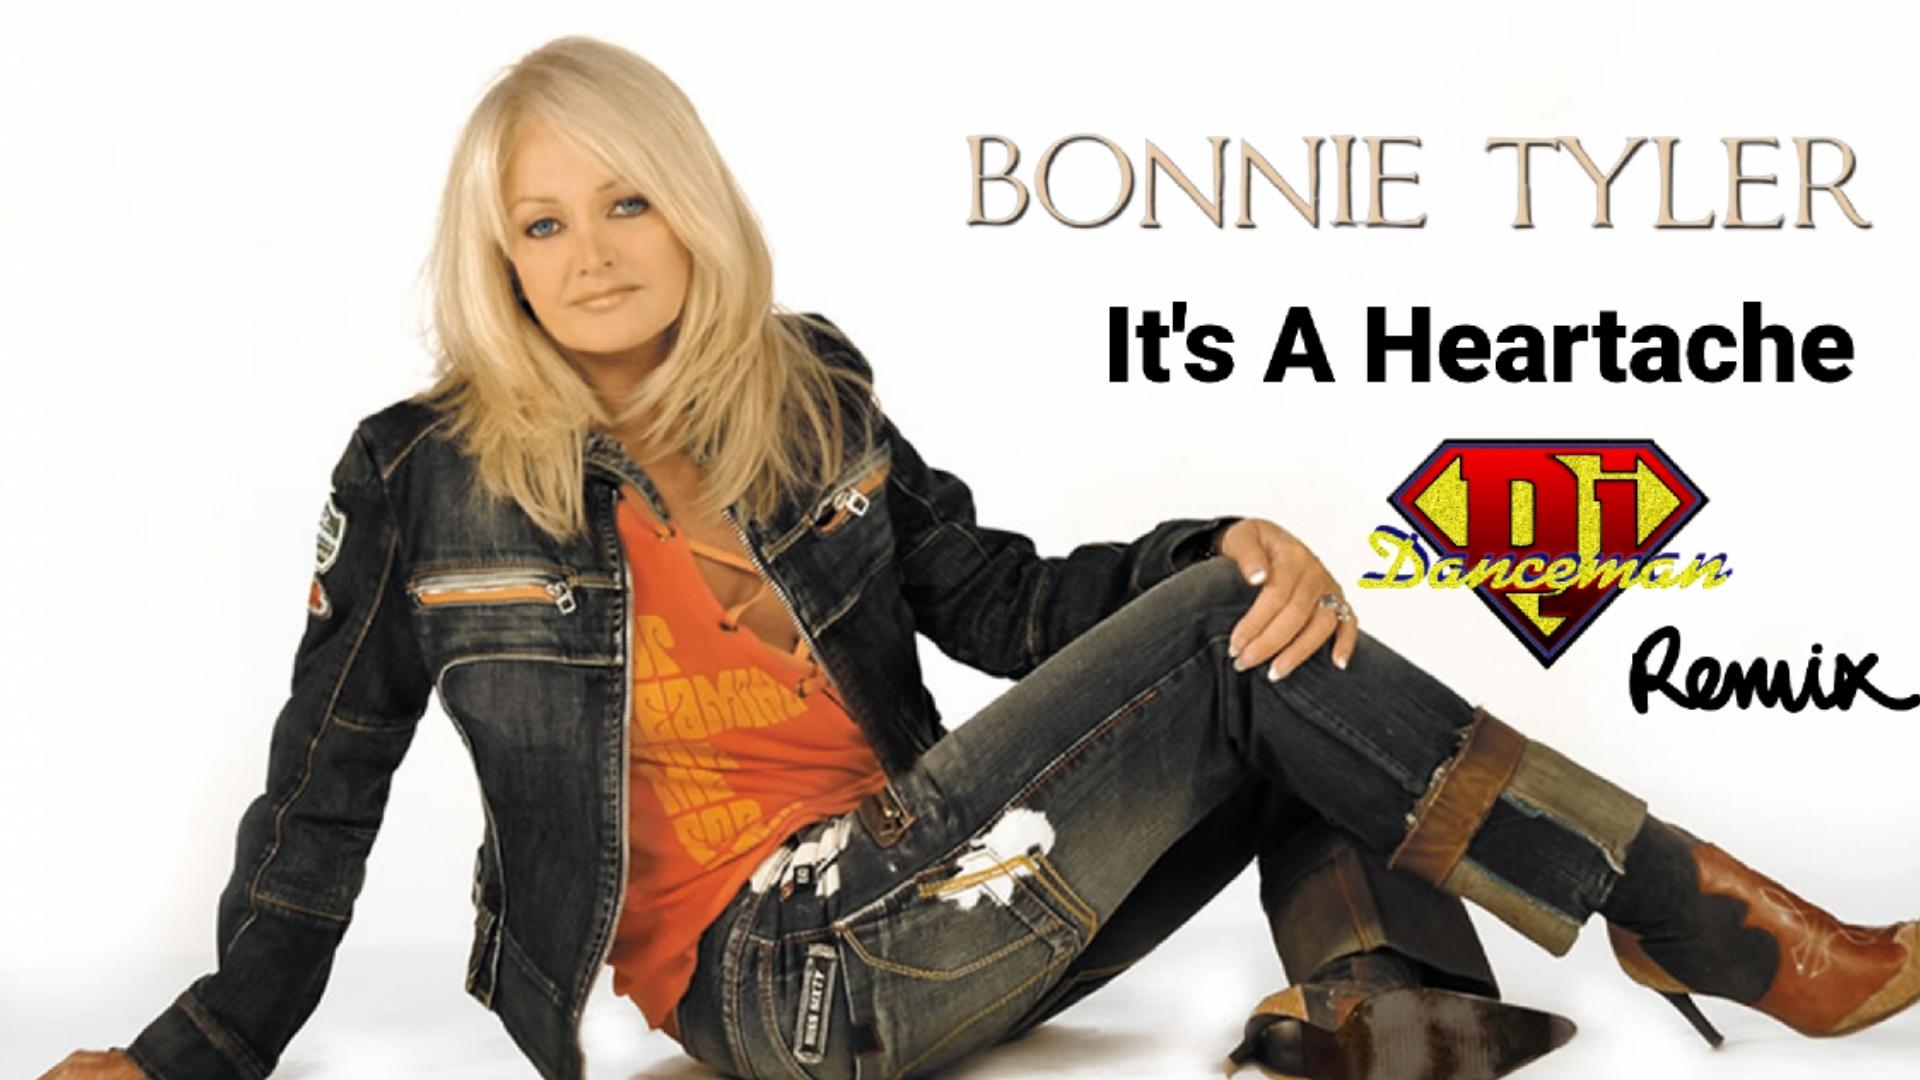 Bonnie Tyler - Its A Heartache (Dj Danceman Remix)